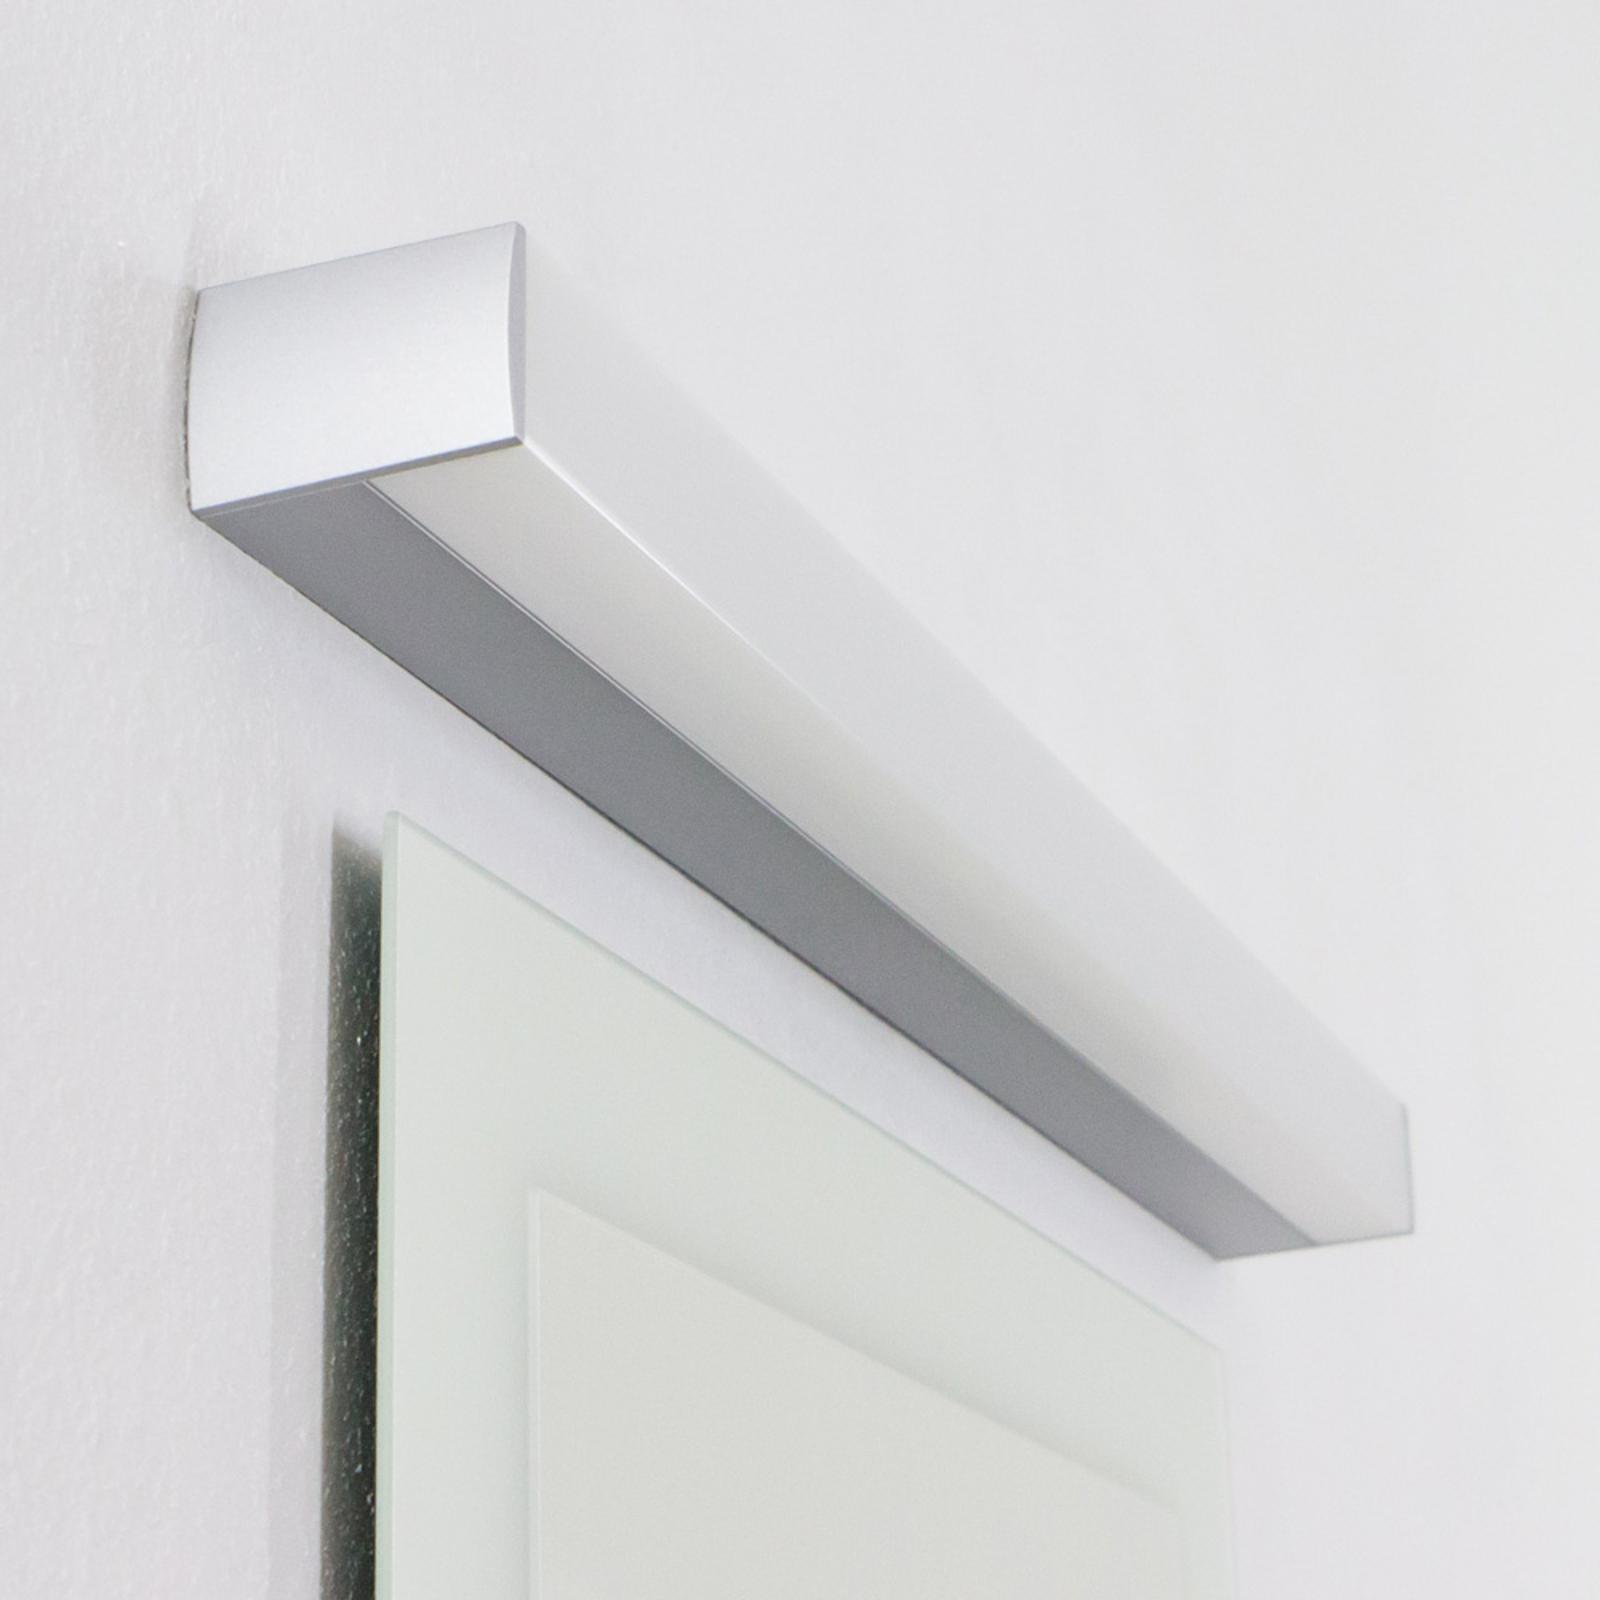 LED vegglampe Seno for baderomsspeilet 53,6 cm